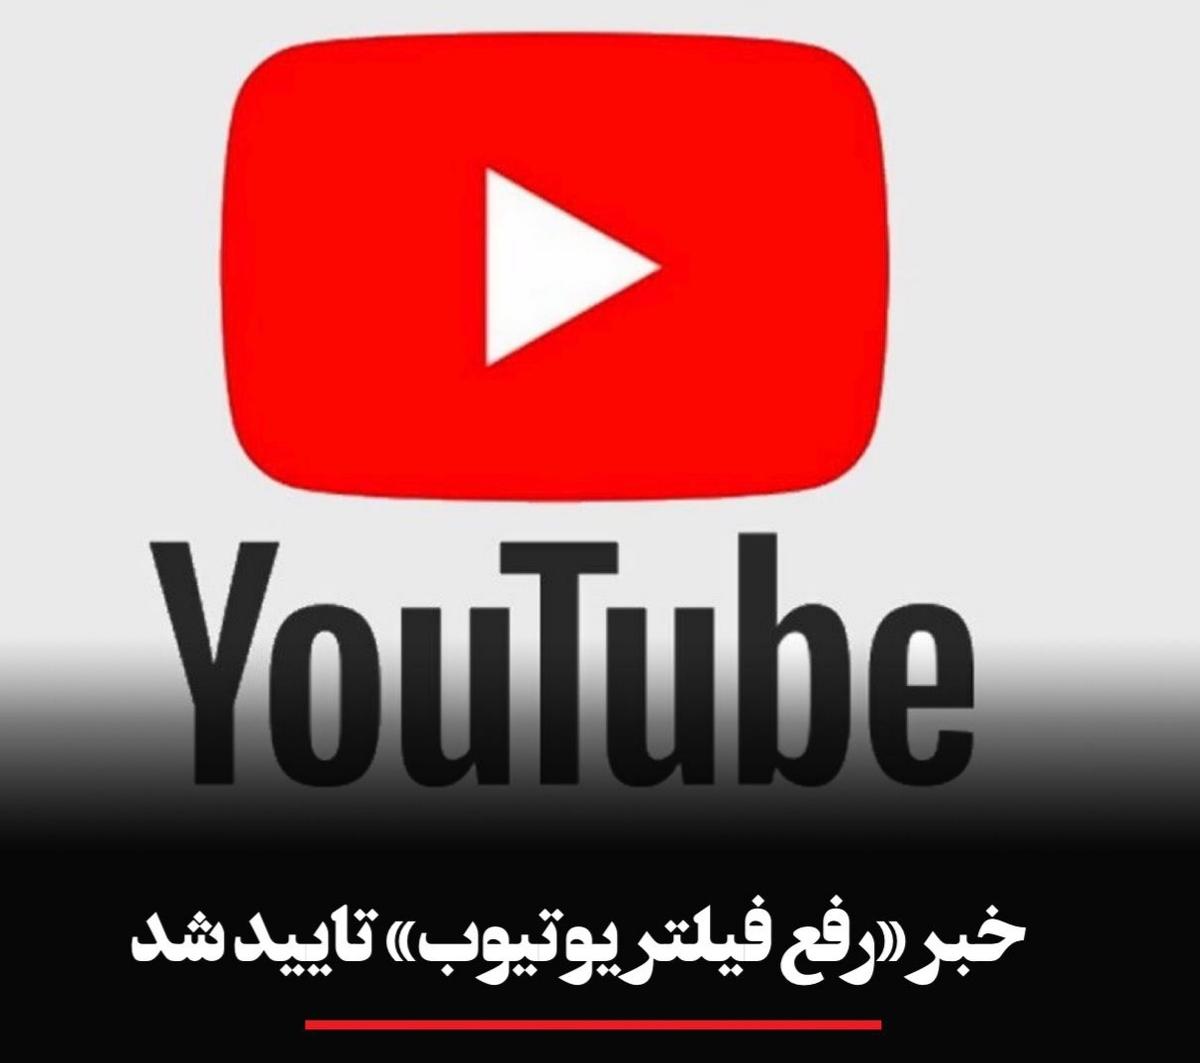 خبر «رفع فیلتر یوتیوب» تایید شد